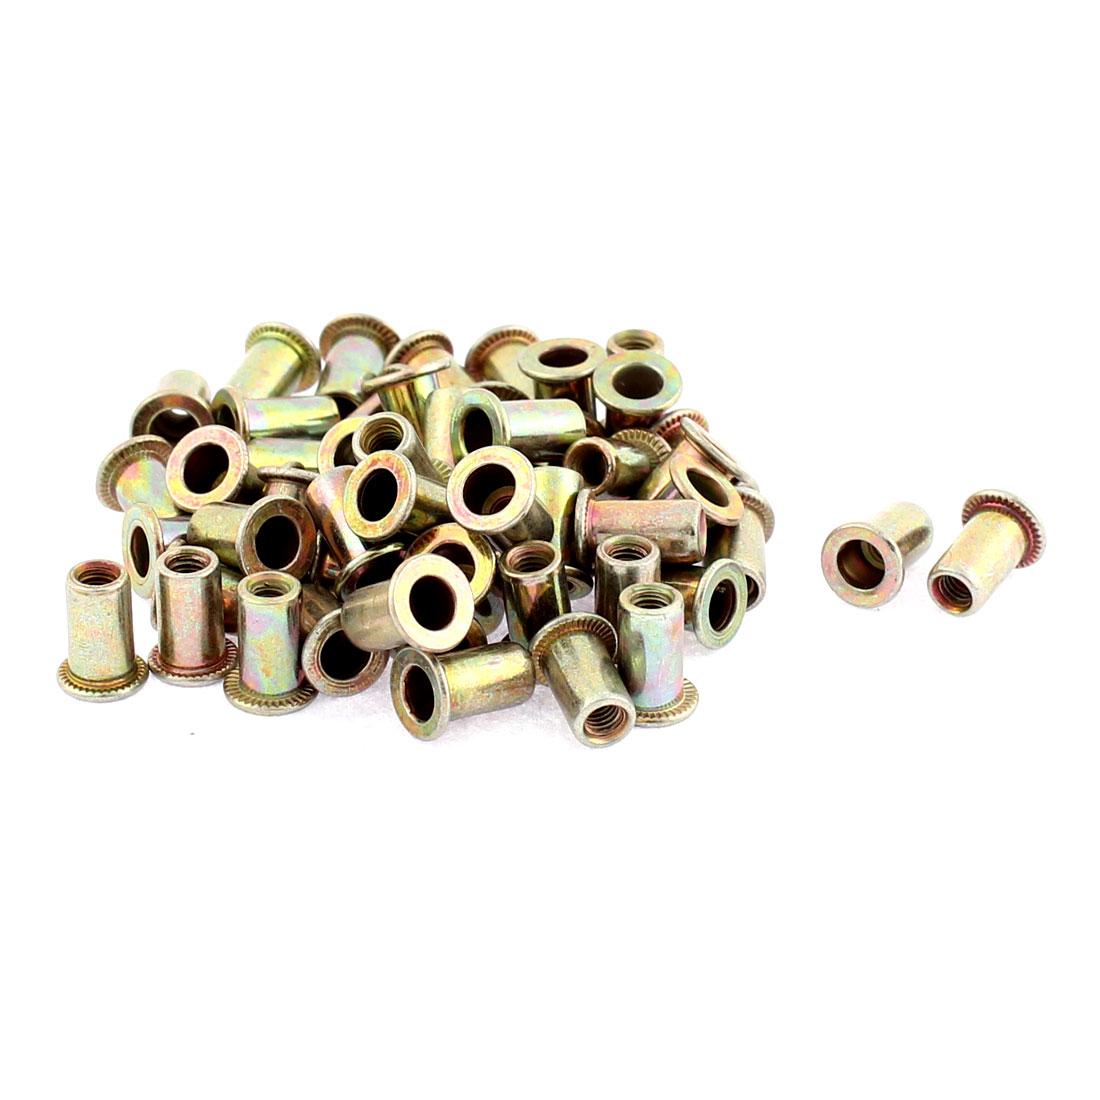 M3 Thread Dia Flat Head Zinc Plated Rivet Blind Nut Nutsert Brass Tone 50pcs